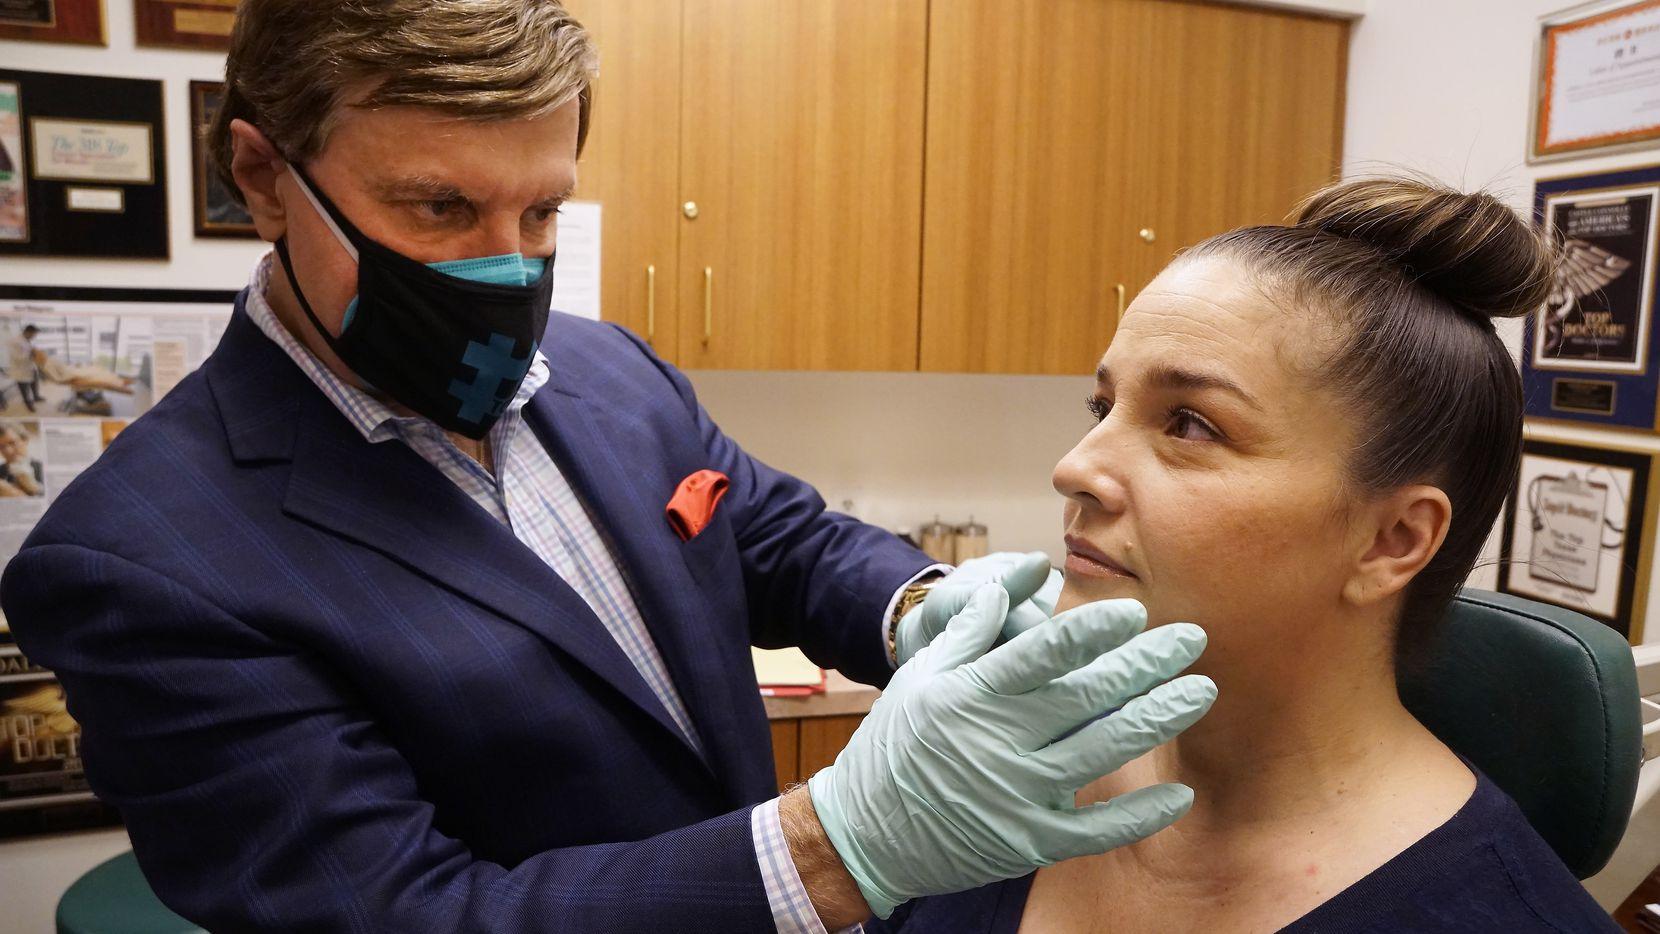 El doctor Rod J. Rohrich junta a una de sus pacientes, Jennifer Smith, en su oficina den Dallas.